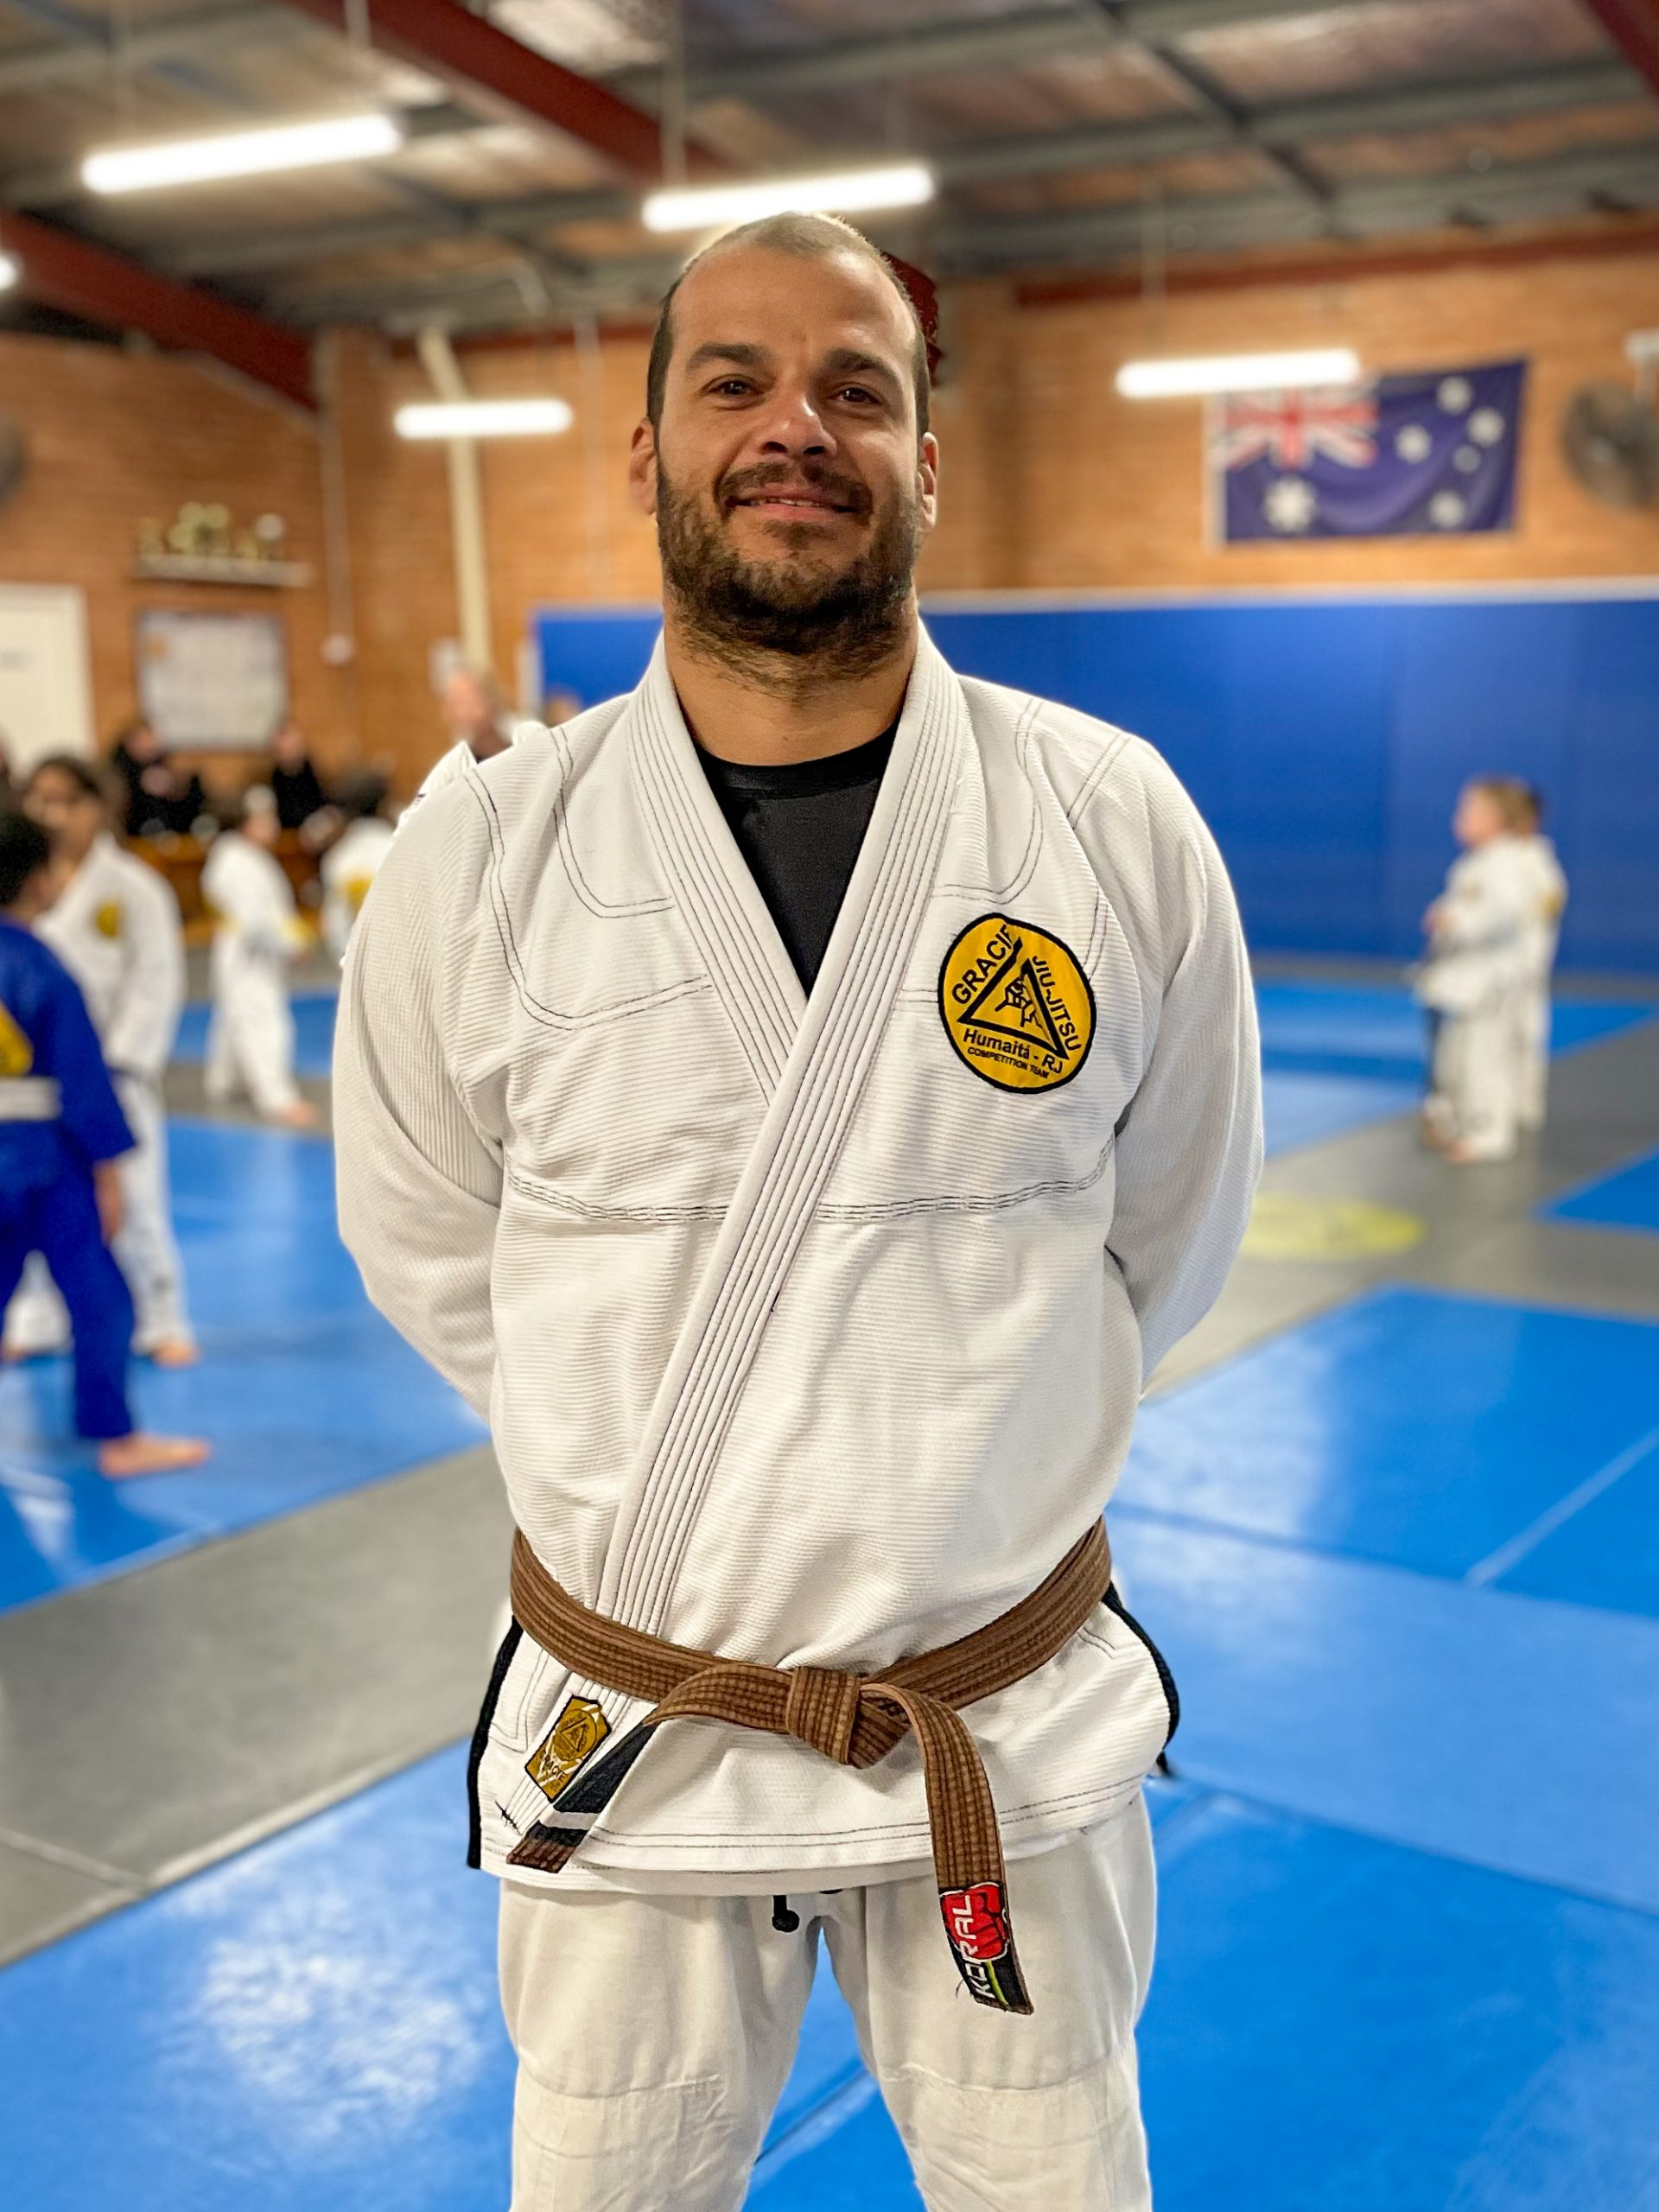 Diego Prates